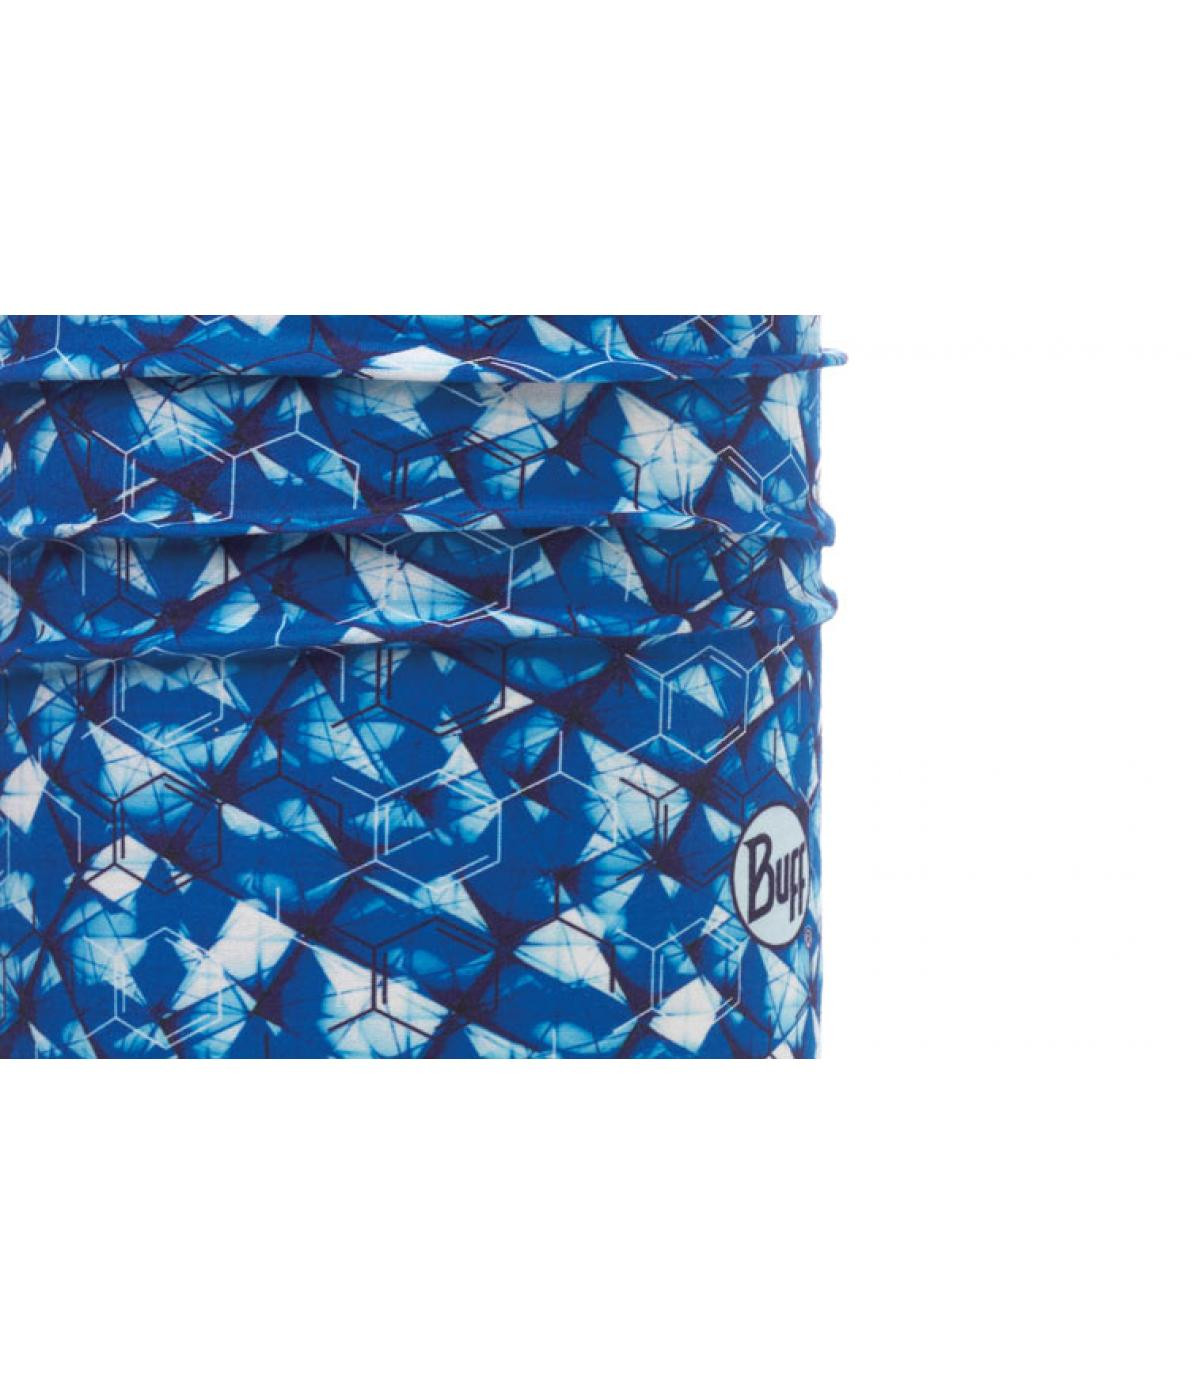 Buff gedrukt blauw wit